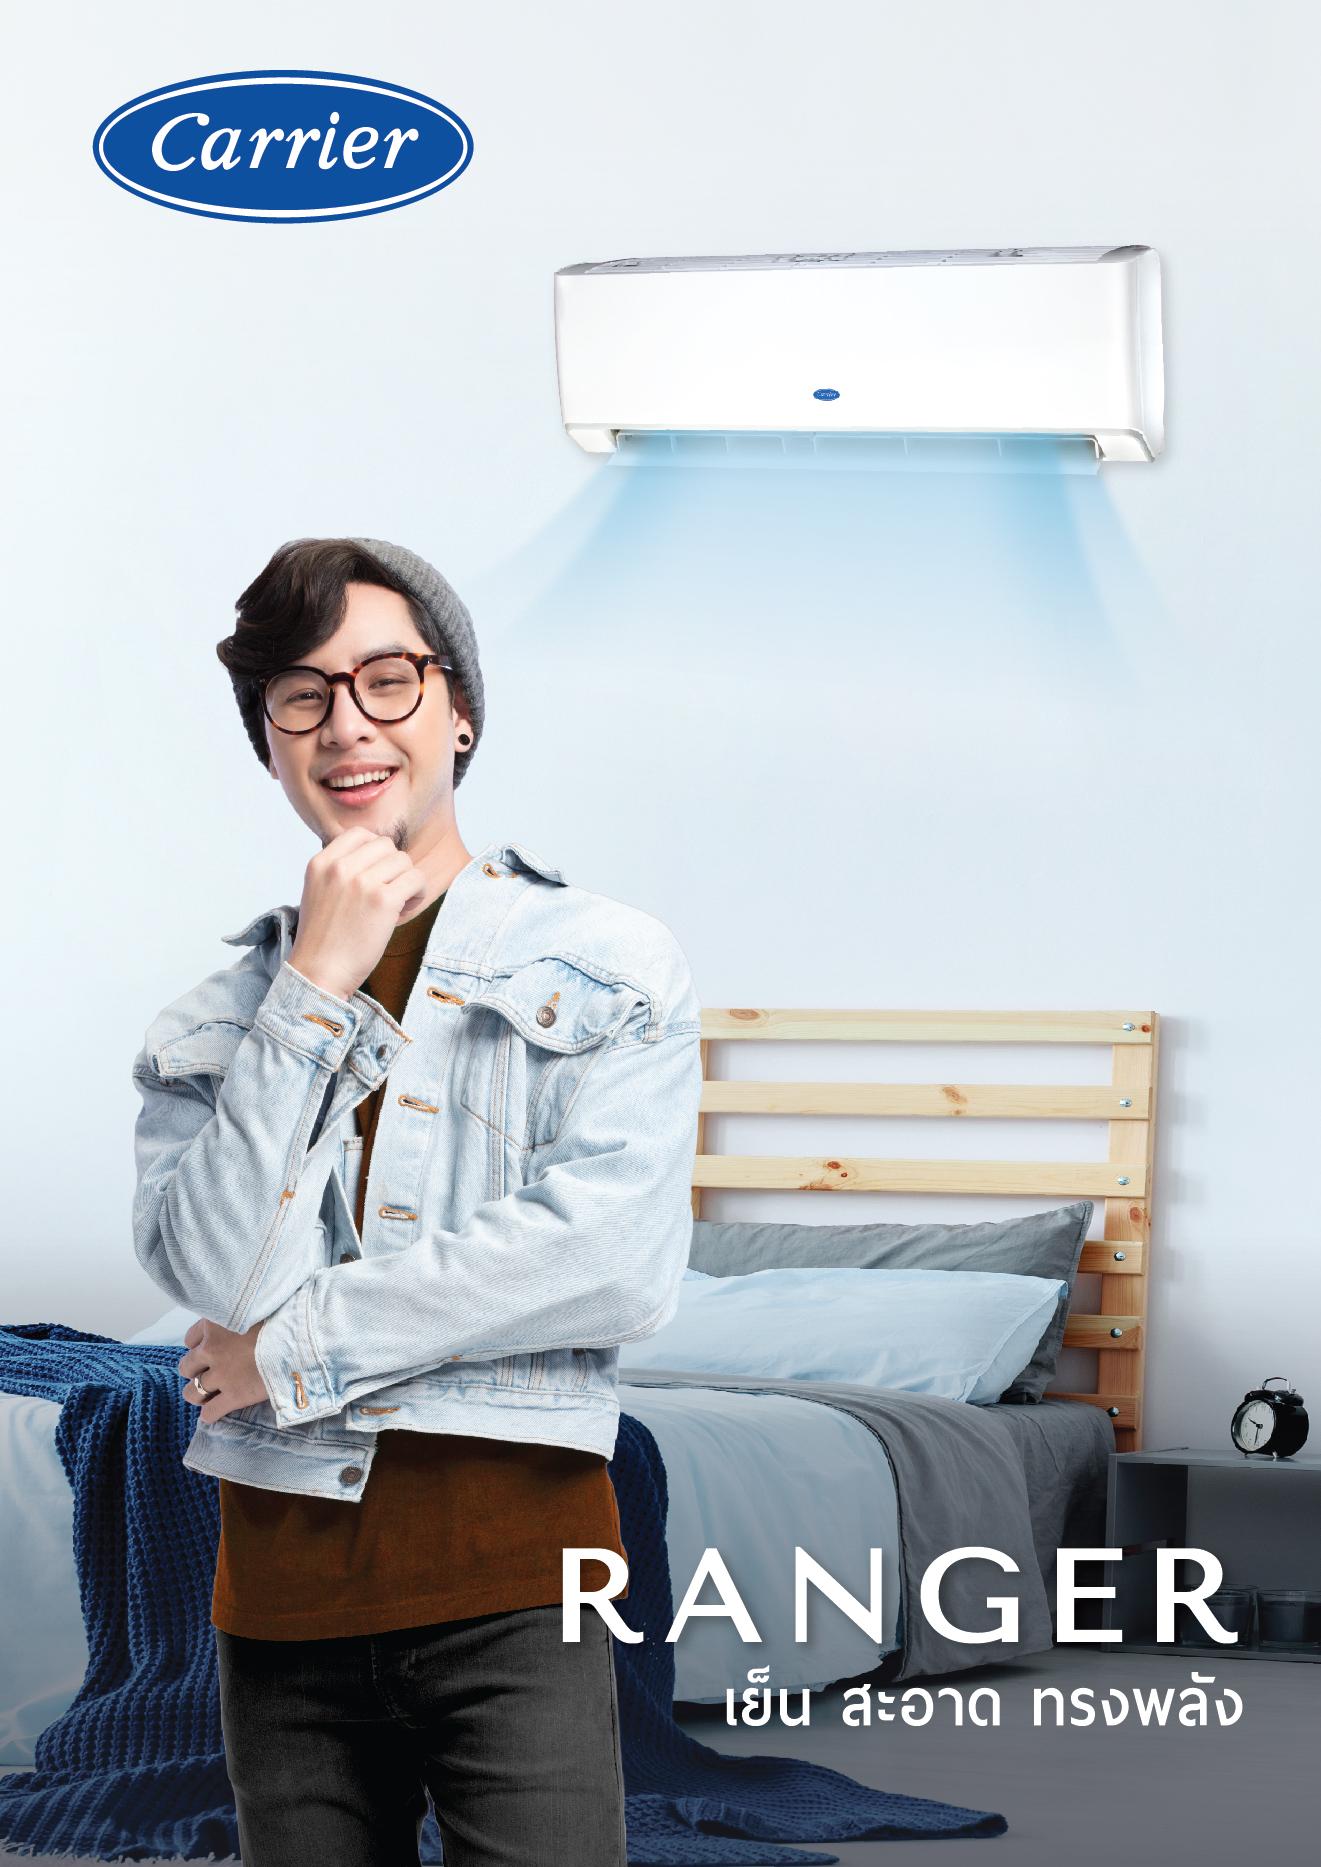 ranger-brochure-cover